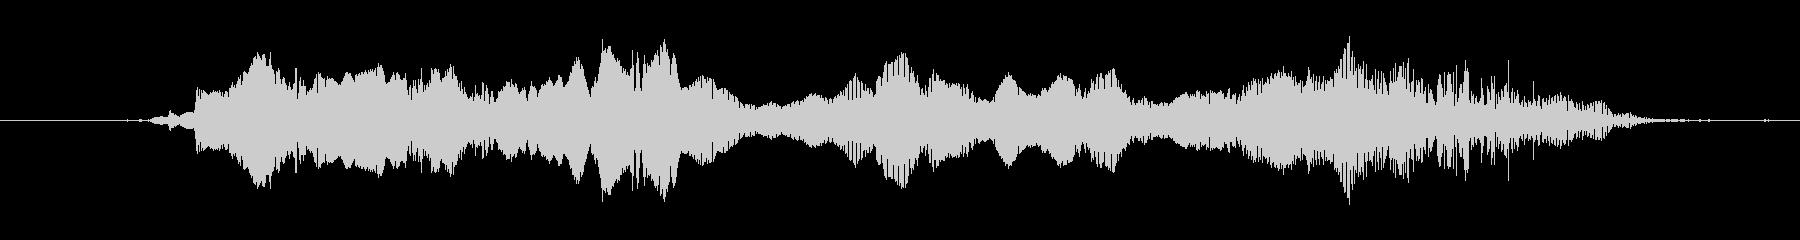 (故障音)の未再生の波形